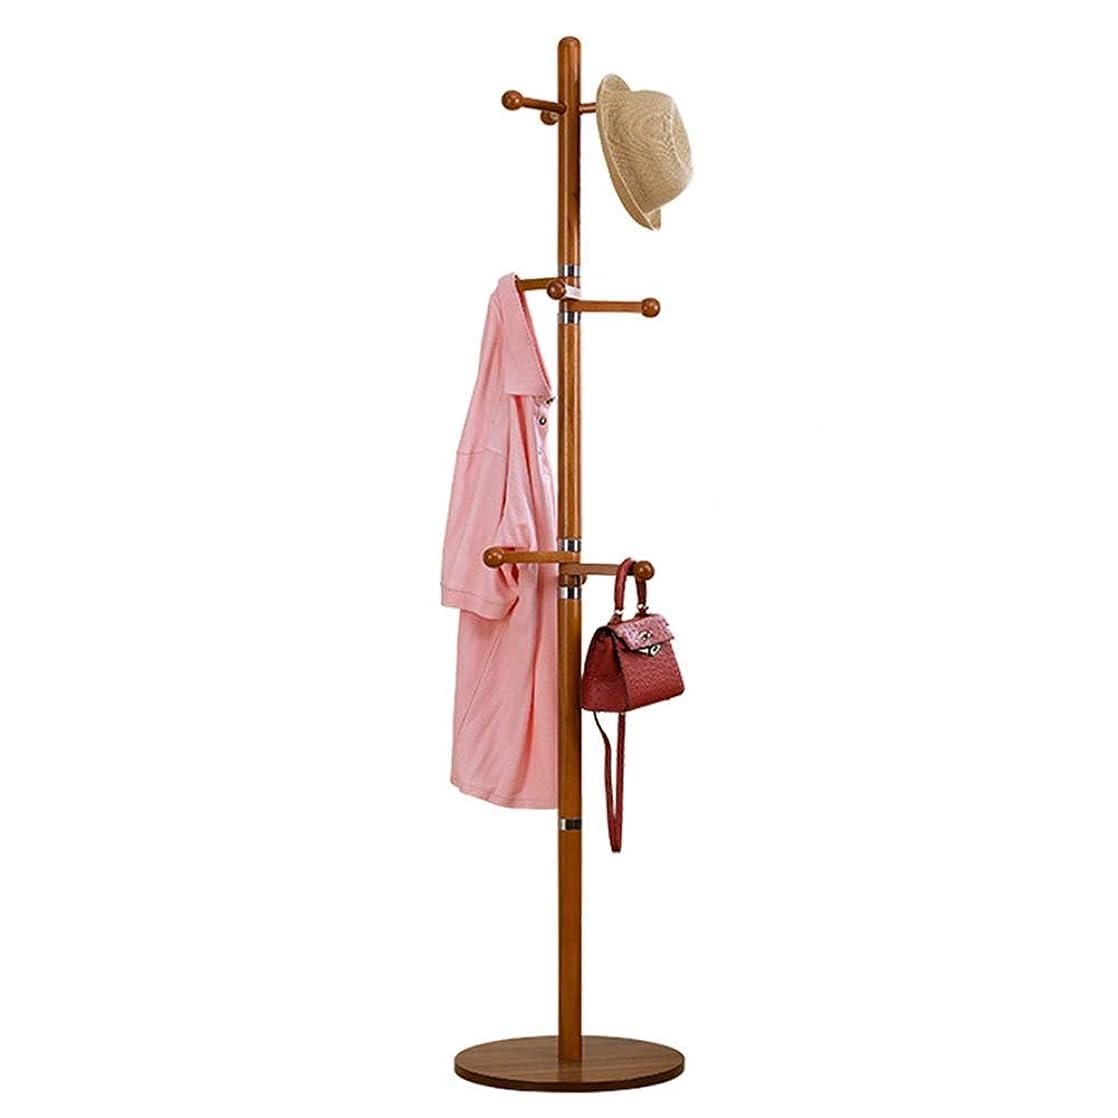 申請中罪人超越するEIIDJFF 床の立ち上げ帽子とコートコートラックソリッドウッドシンプルなベッドルームのホームハンガー